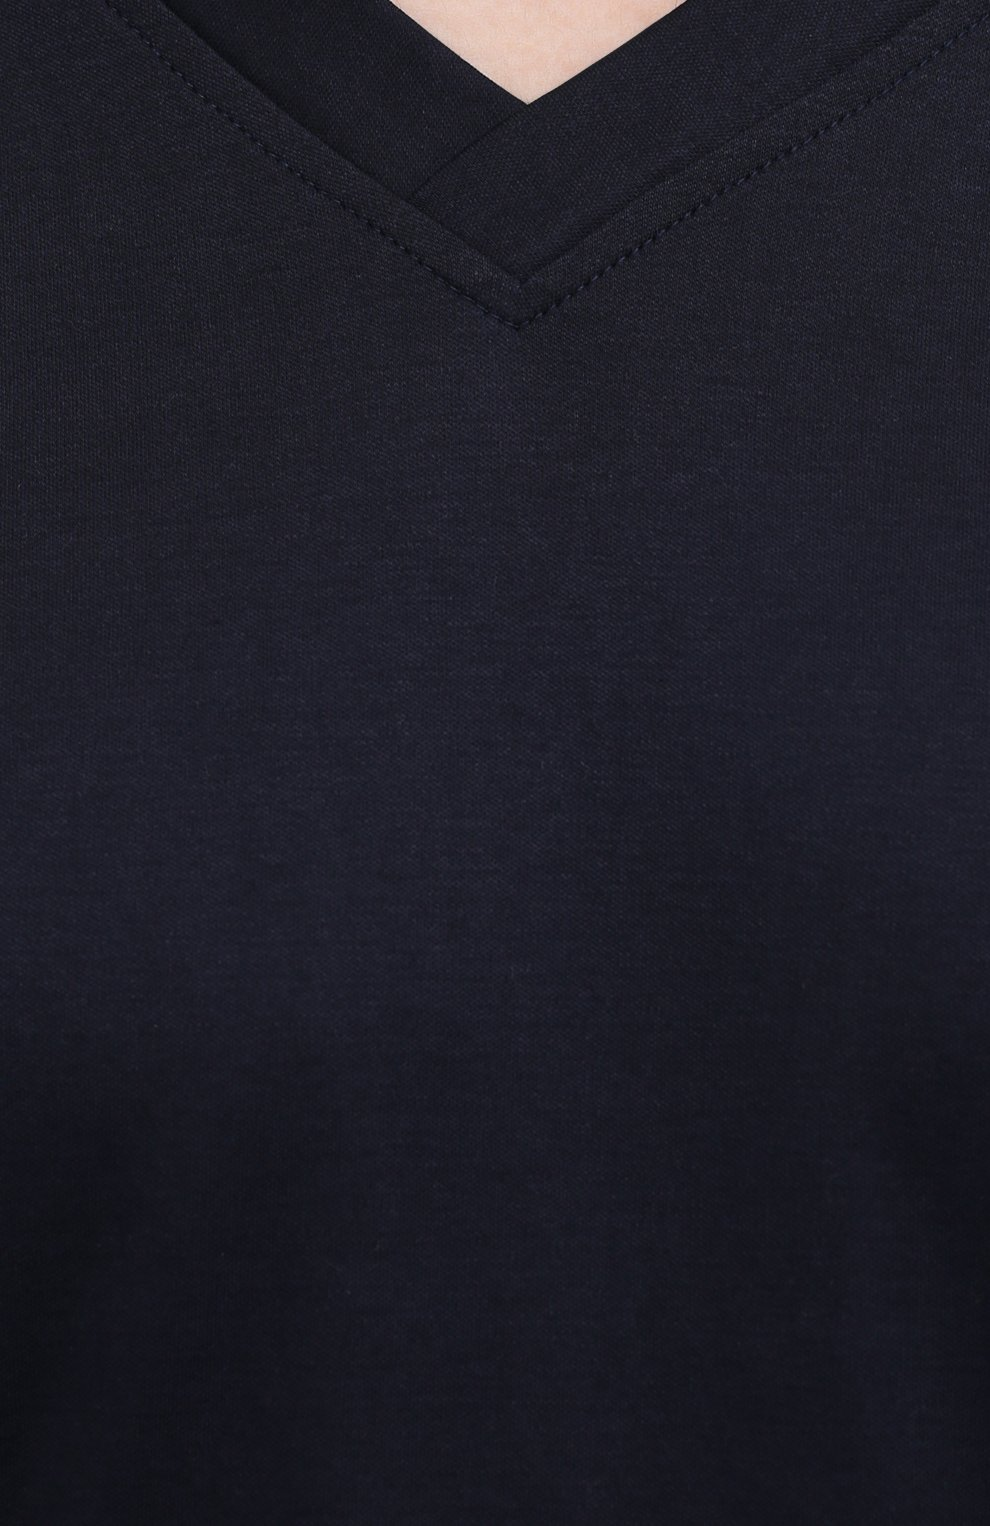 Мужская хлопковый лонгслив ZIMMERLI темно-синего цвета, арт. 3460-95302 | Фото 5 (Рукава: Длинные; Кросс-КТ: домашняя одежда; Длина (для топов): Стандартные; Материал внешний: Хлопок; Мужское Кросс-КТ: Футболка-белье)